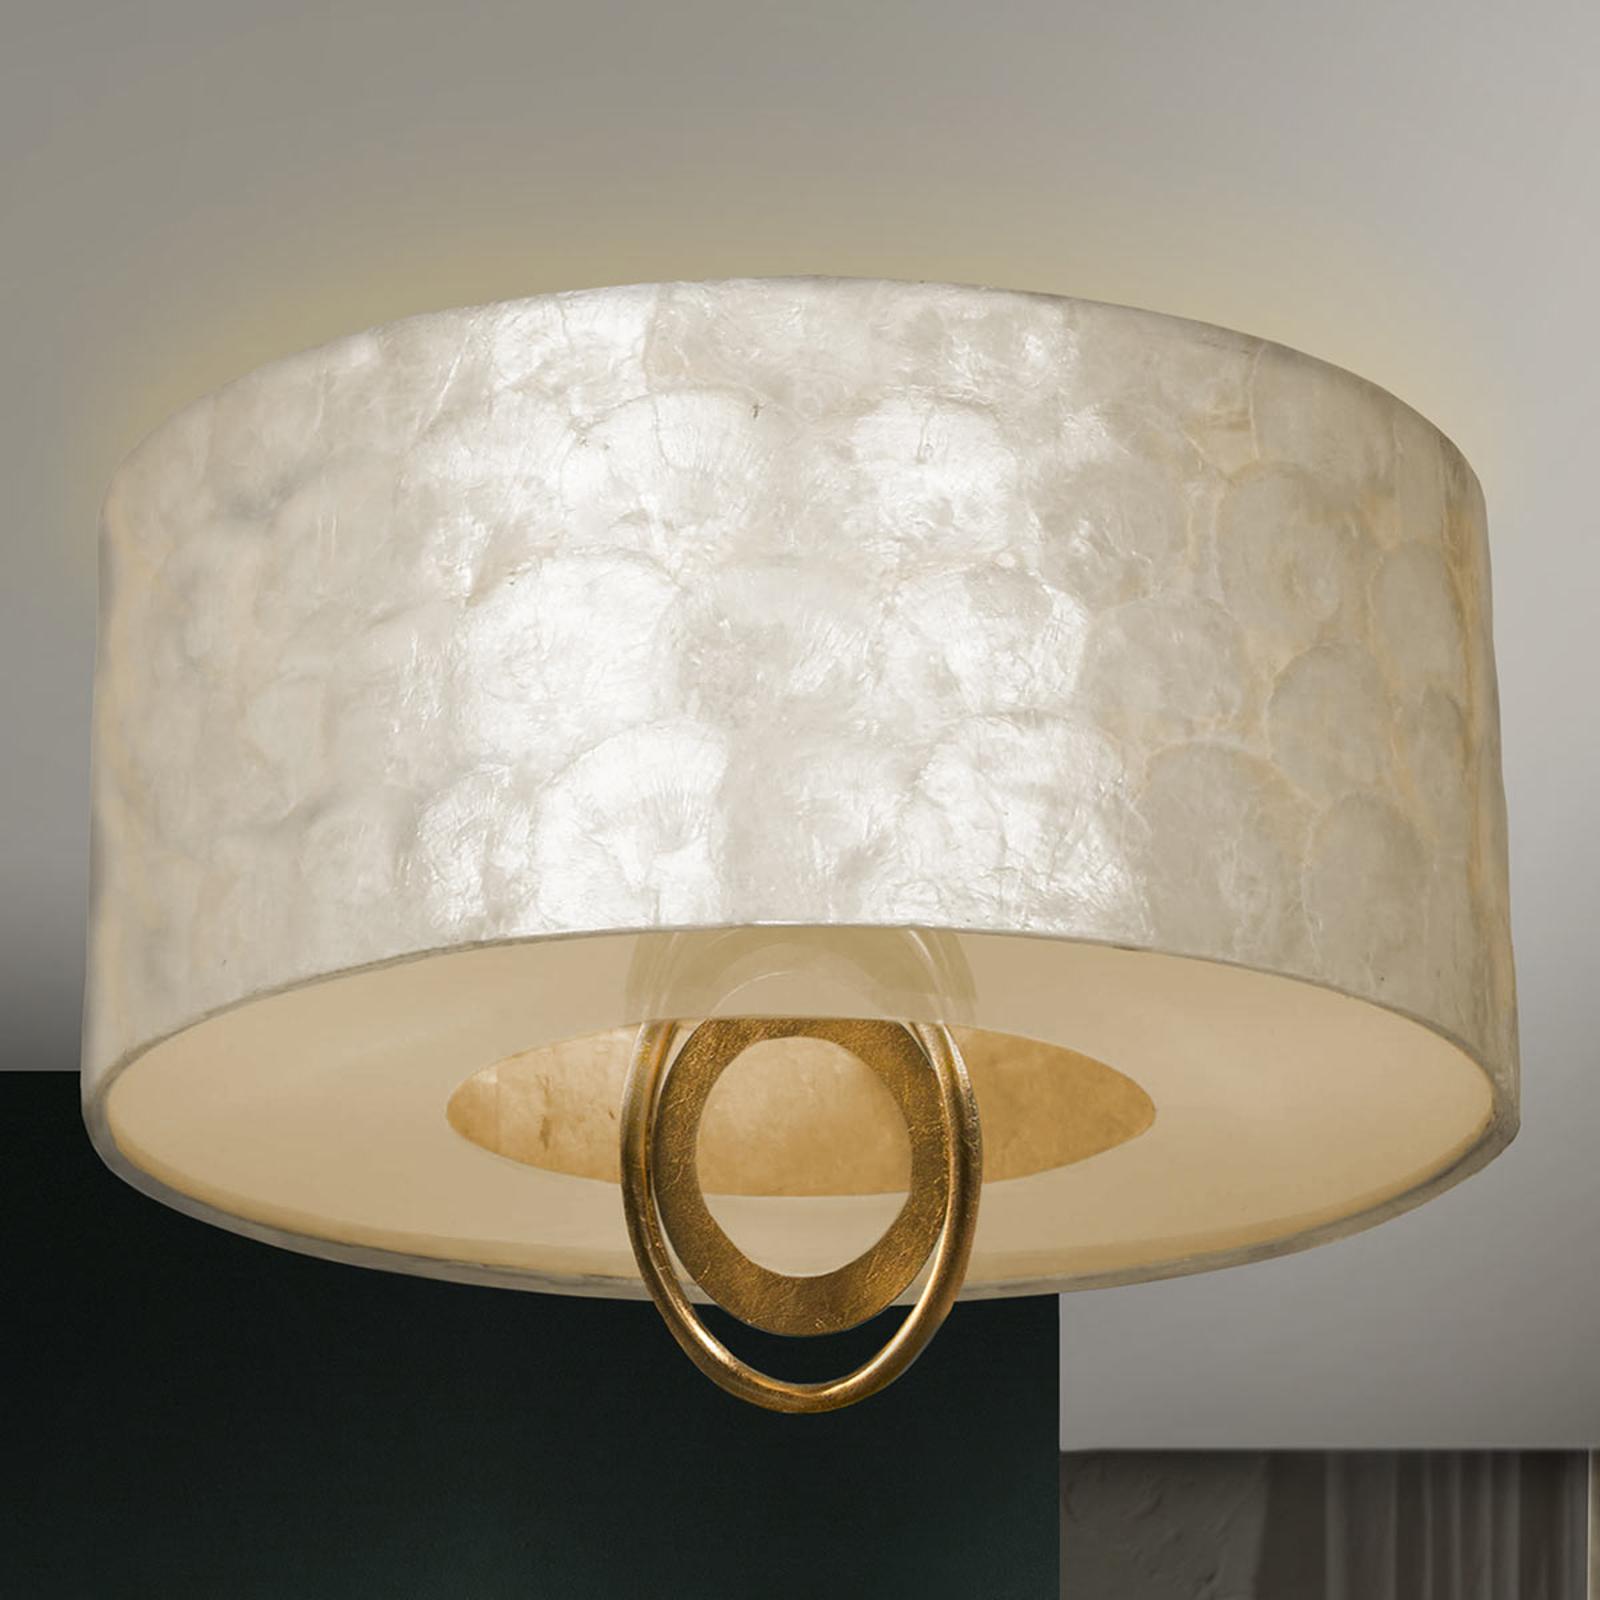 Szlachetna, błyszcząca lampa sufitowa LED Edén